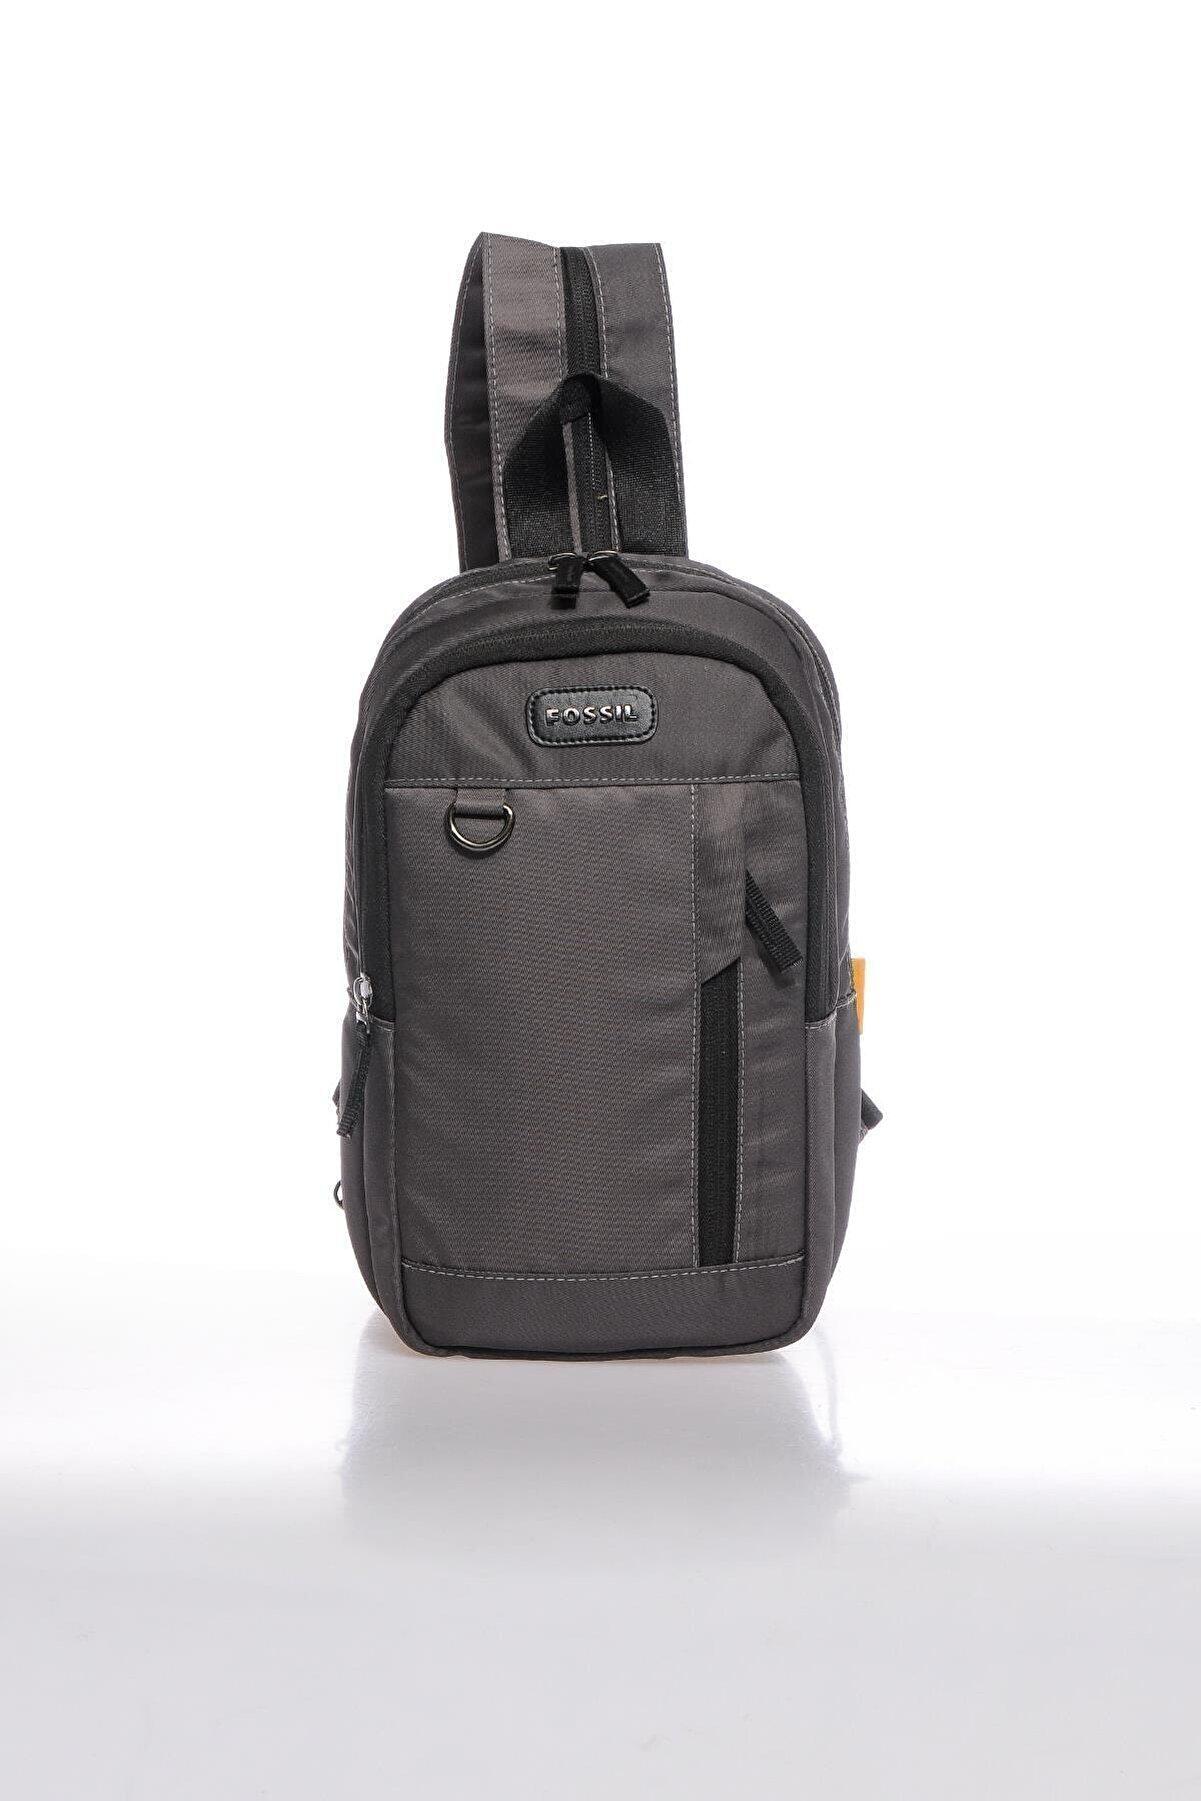 Fossil Fscr065292 Gri Unısex Body Bag